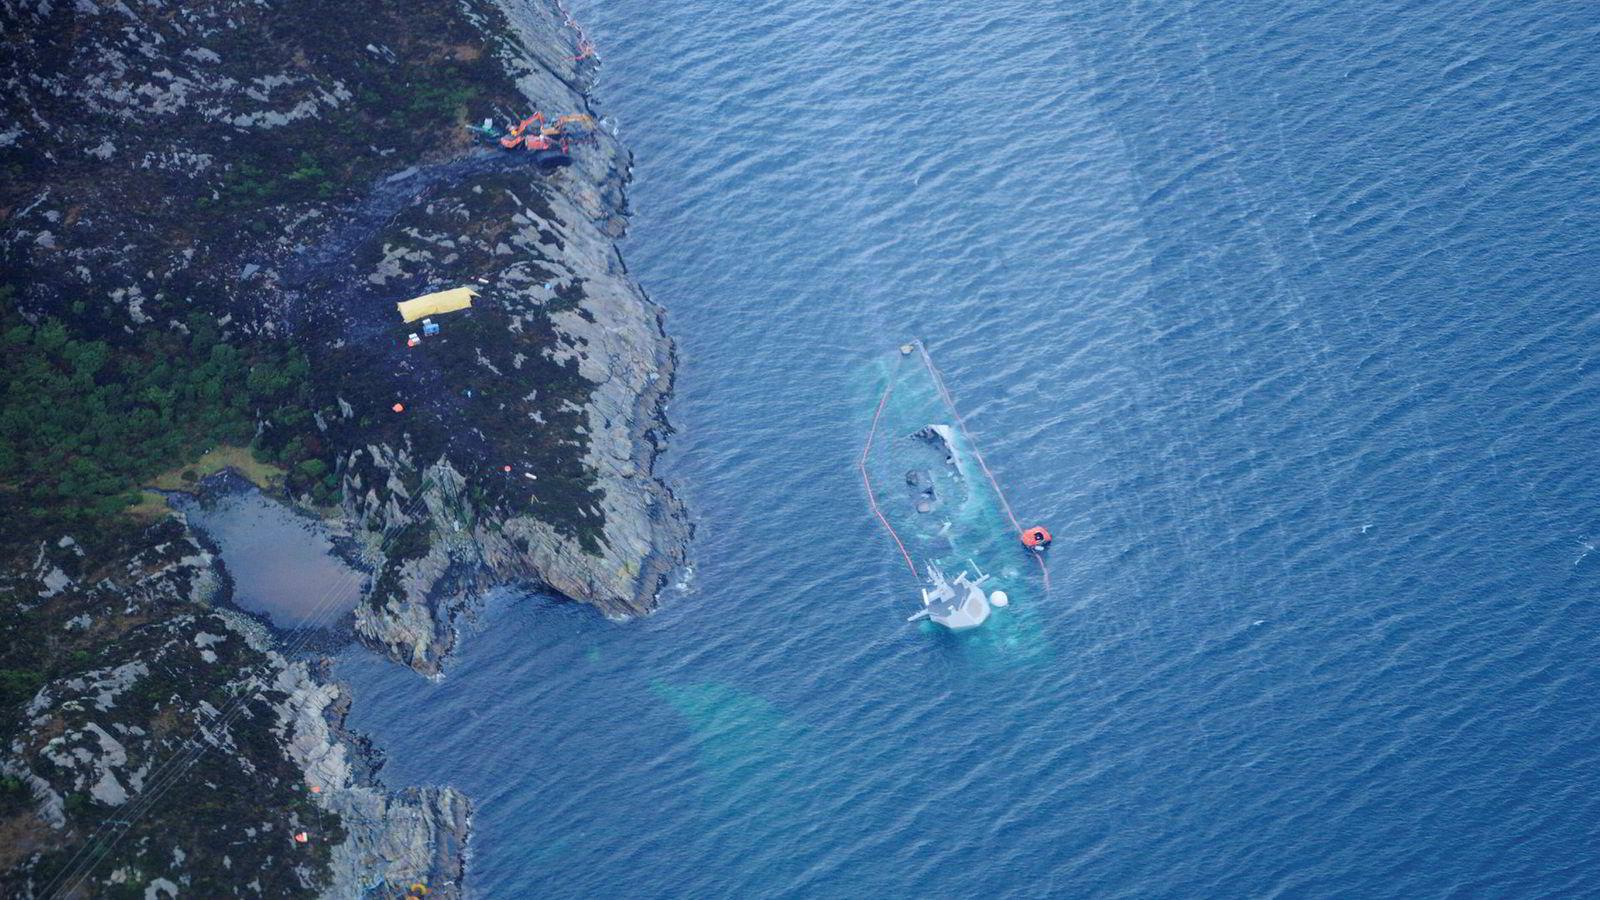 Fredag tok dykkere fra Minedykkerkommandoen seg inn i skipet på vegne av politiet og Statens havarikommisjon for å hente ut bevismateriale til etterforskningen av ulykken 8. november.